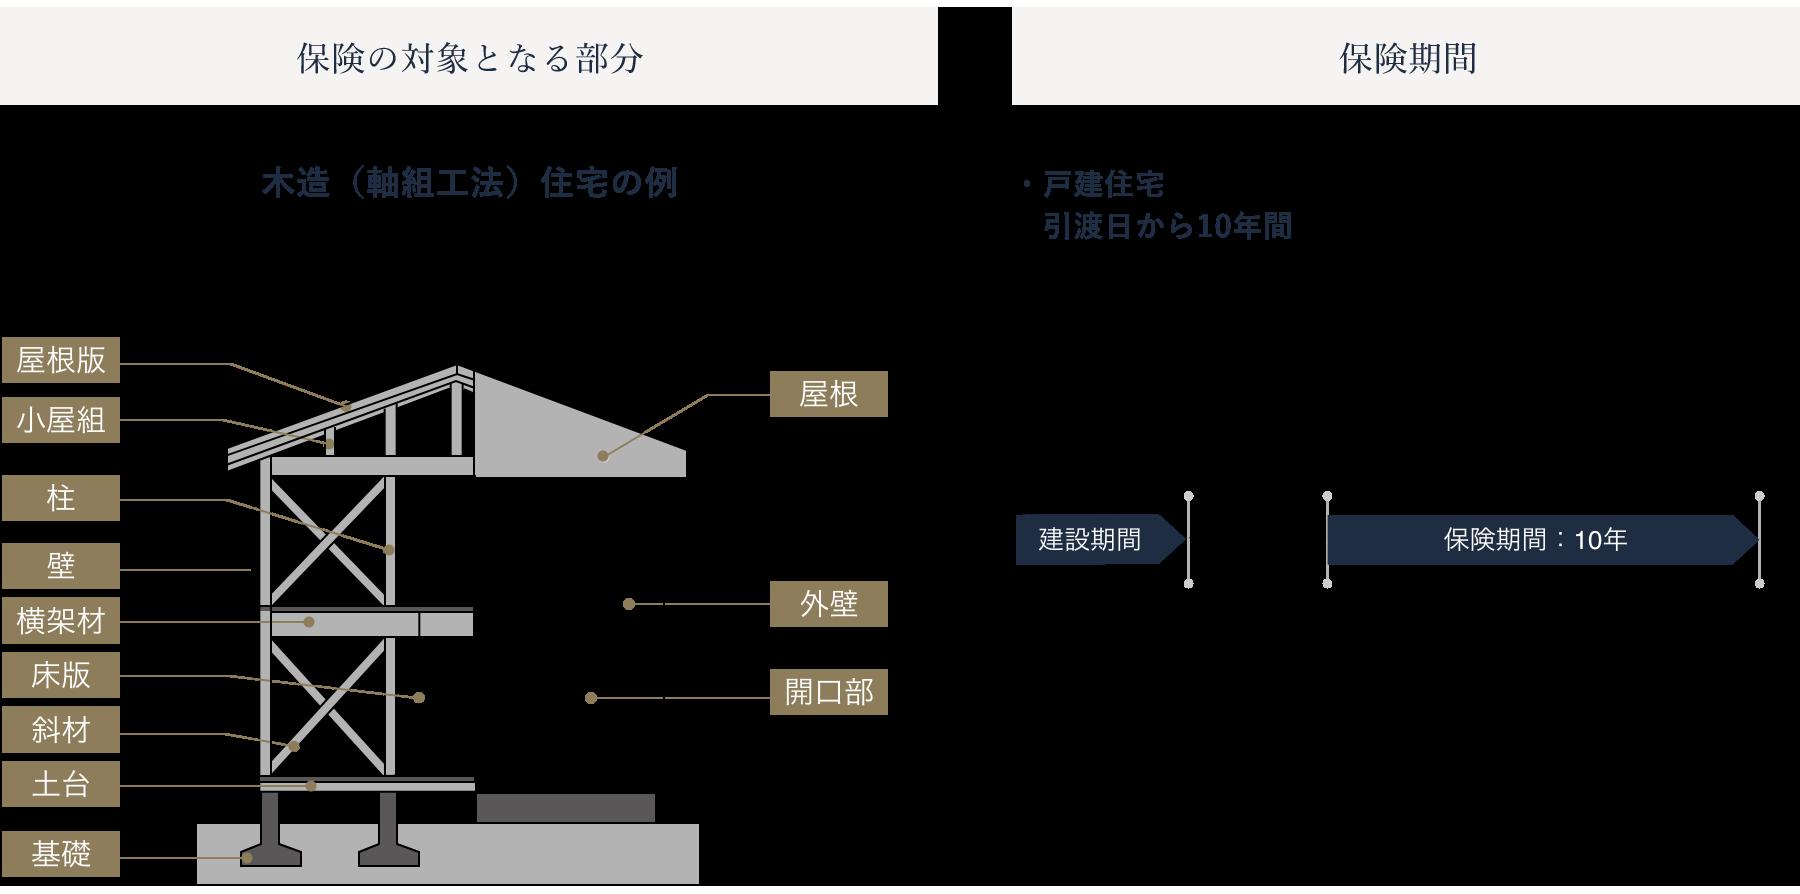 シエルホームデザインのアフターメンテナンスの図